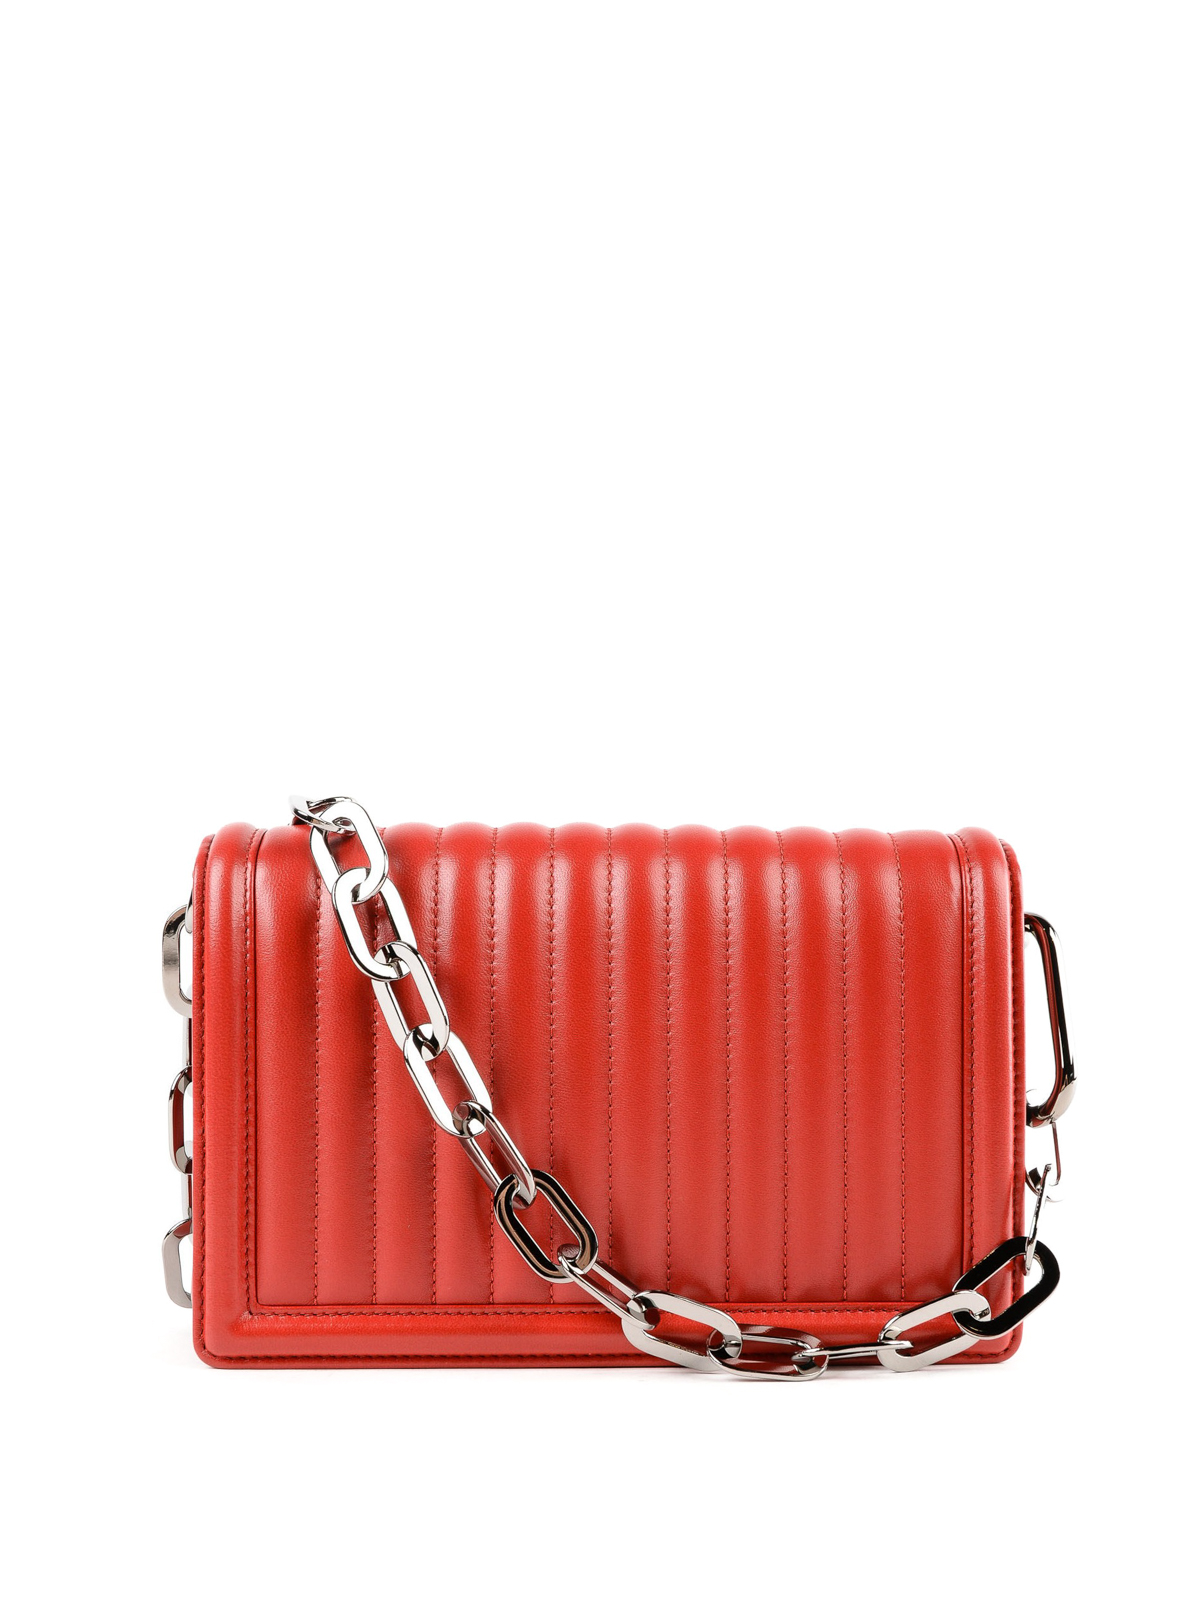 iKRIX DOLCE   GABBANA  shoulder bags - DG Girls embellished red quilted  leather bag 9cee38186911e